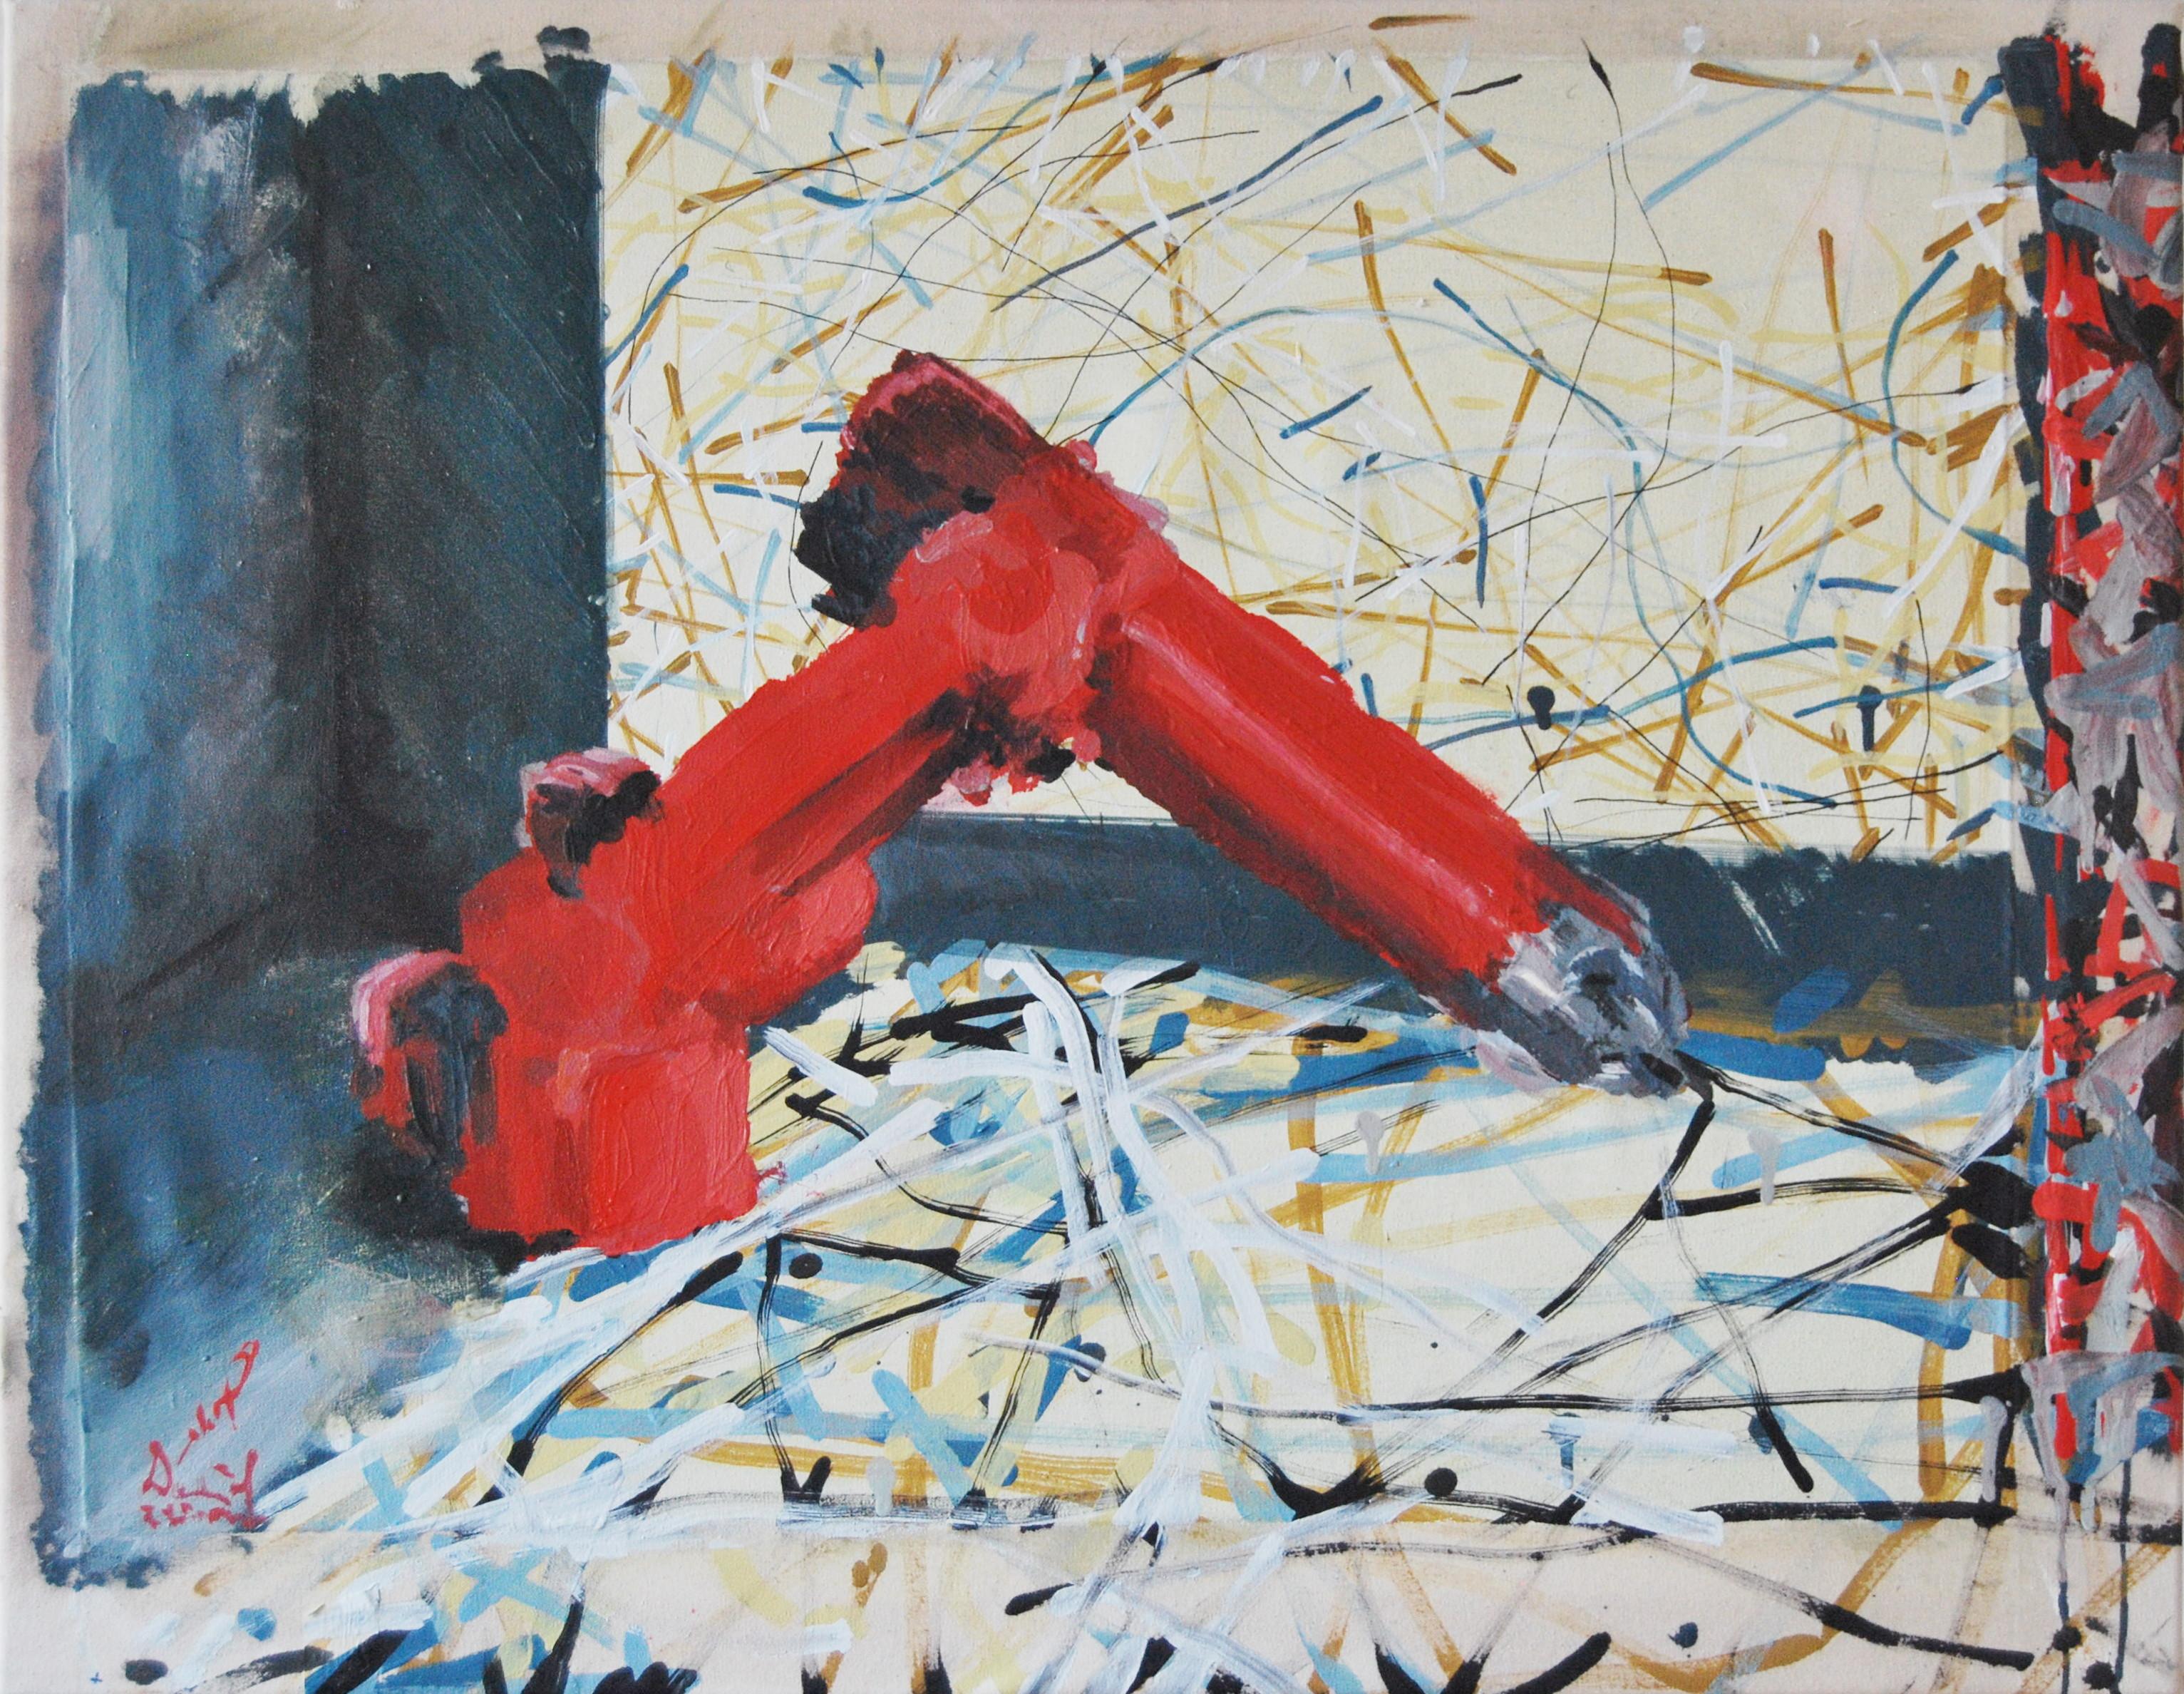 Homage to Jackson Pollock